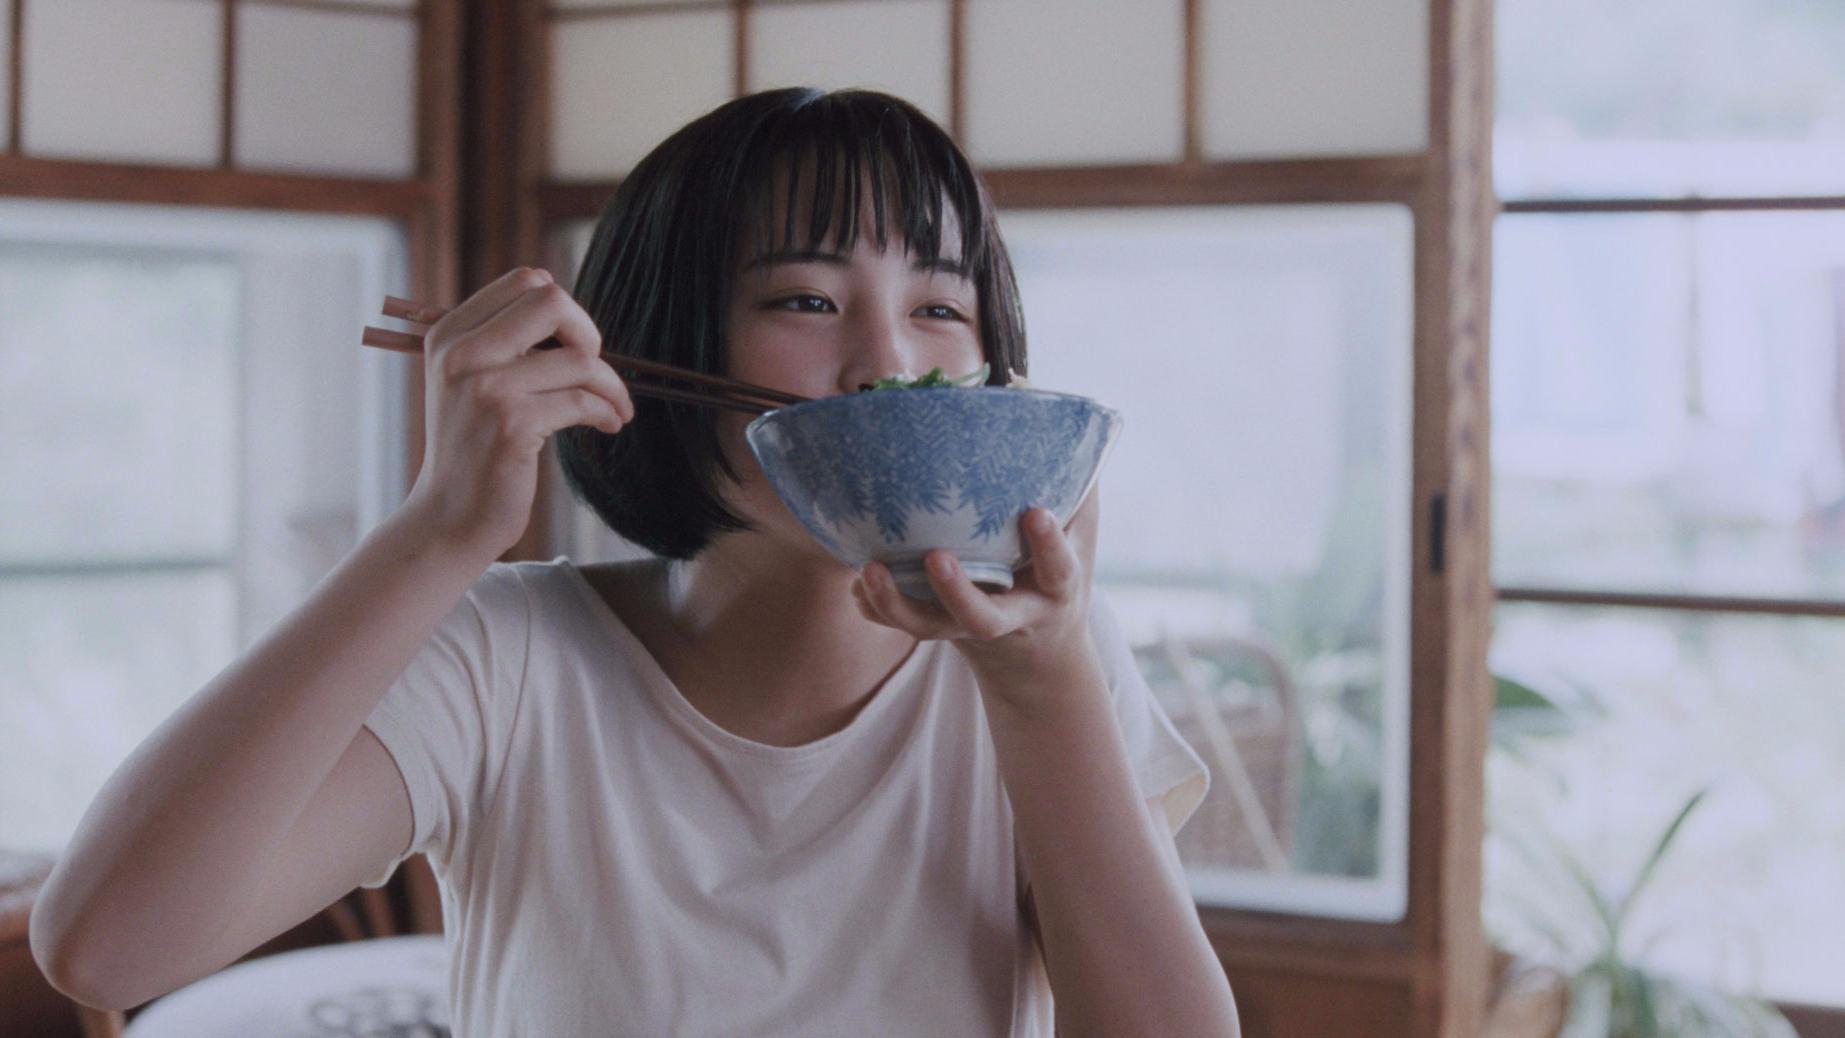 【UP主基本功大赛】十九部日本电影美景混剪,治愈你的每一寸心灵